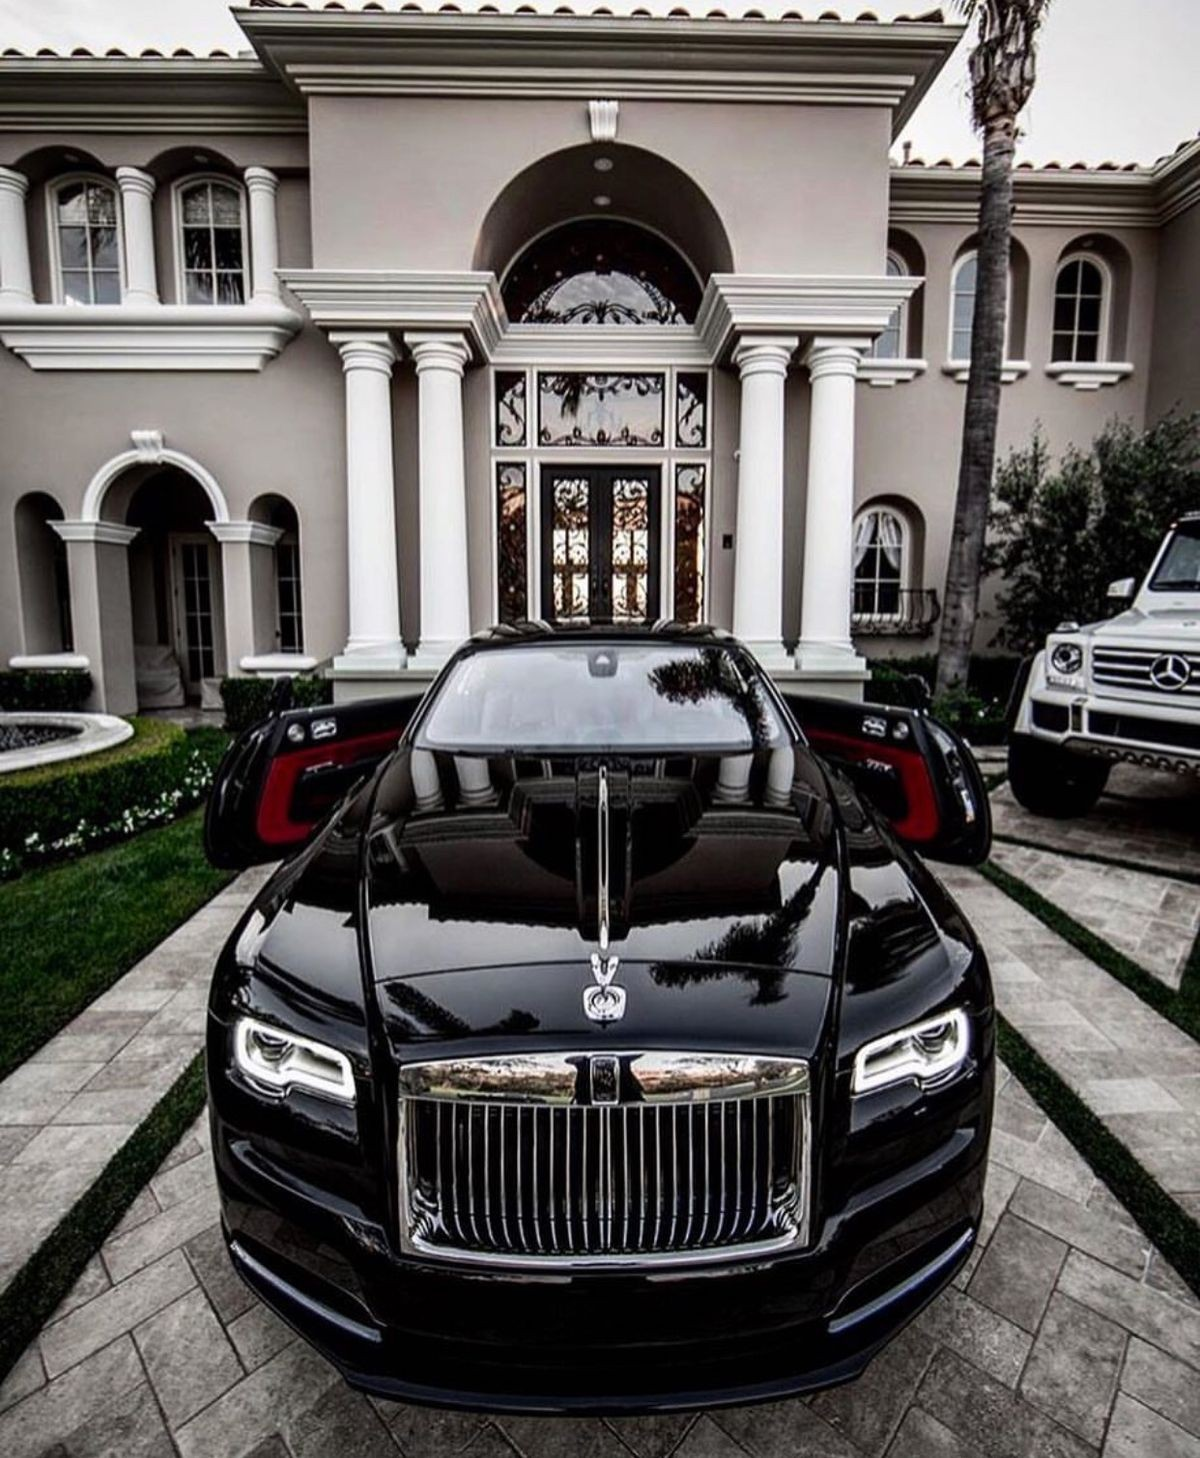 выглядел фото машин для богатых компании-производители предлагают разнообразные